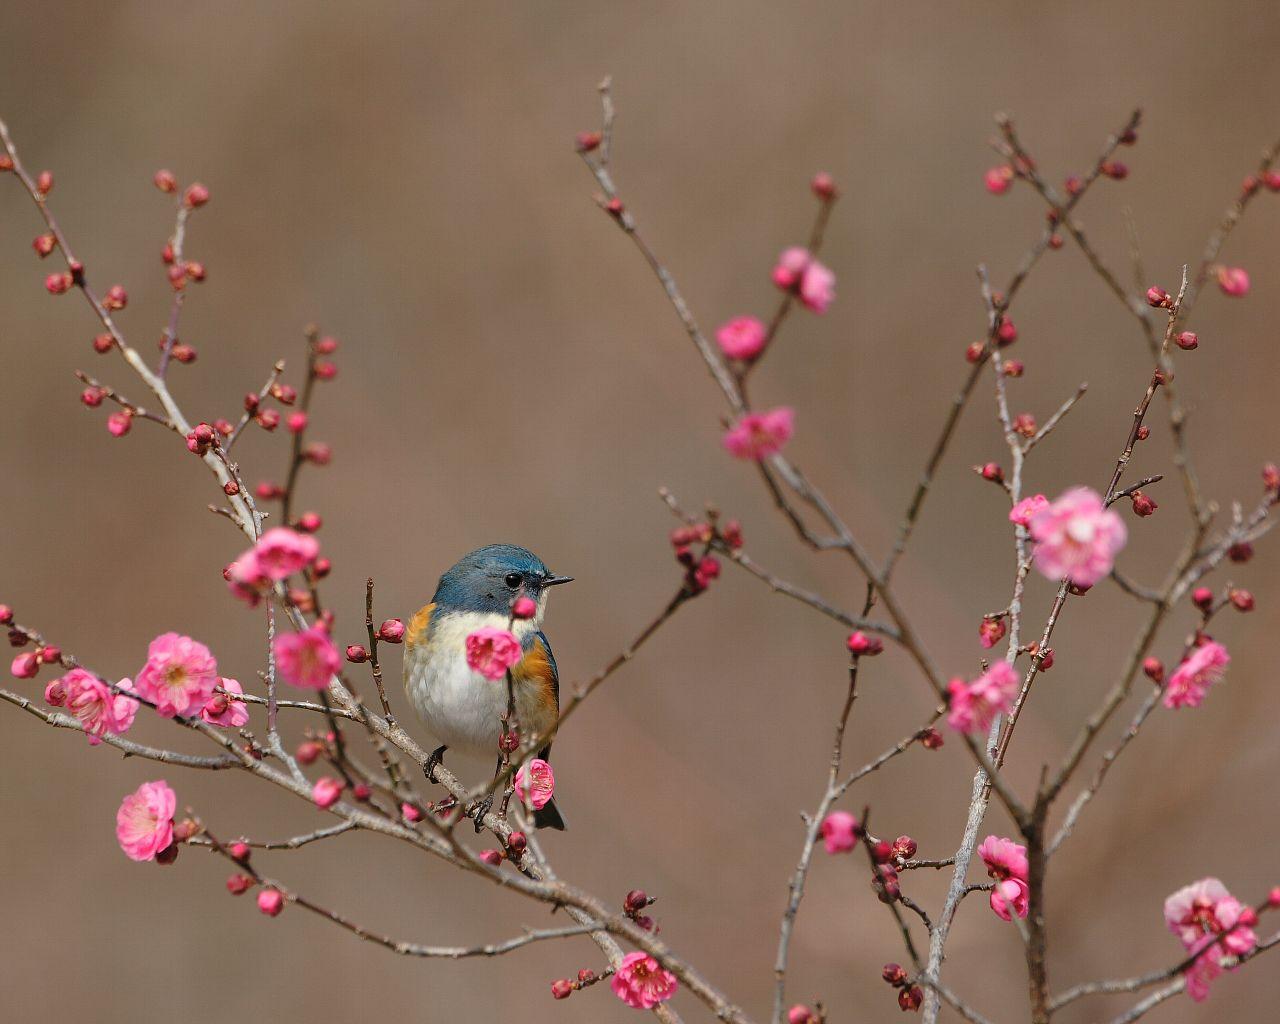 紅梅とルリビタキ(早春らしい野鳥と紅梅の壁紙)_f0105570_2305757.jpg